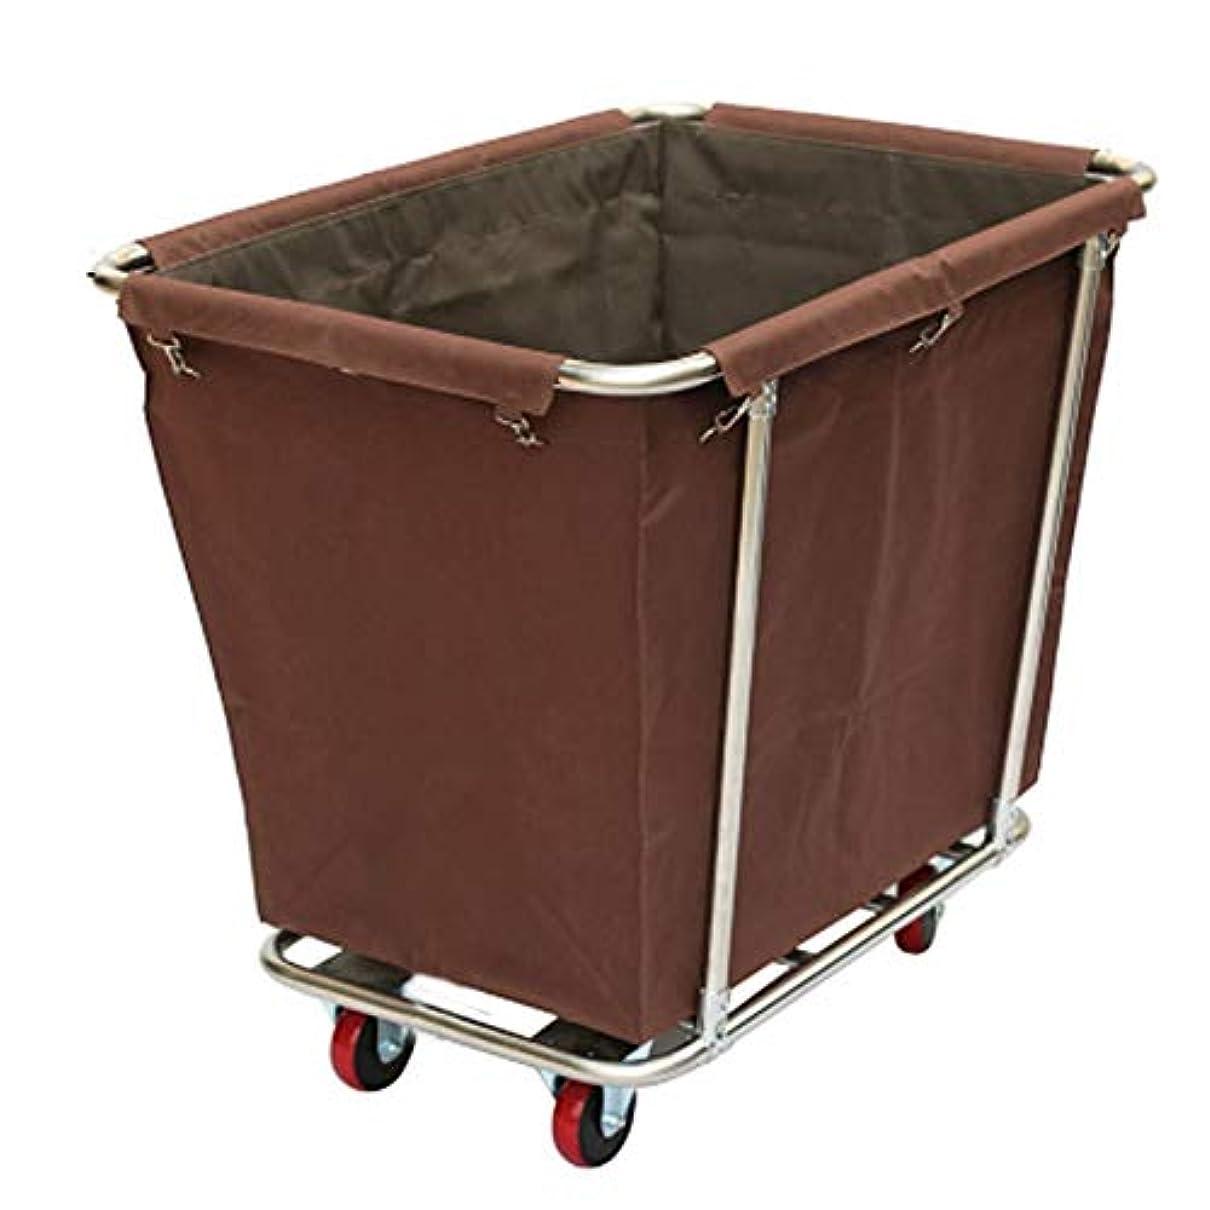 クリエイティブ才能テセウス商業サービングカートのトロリー、ホテルの部屋のための車輪の頑丈な洗濯のトロリー、モーテル、90×65×85cm (Color : Brown)